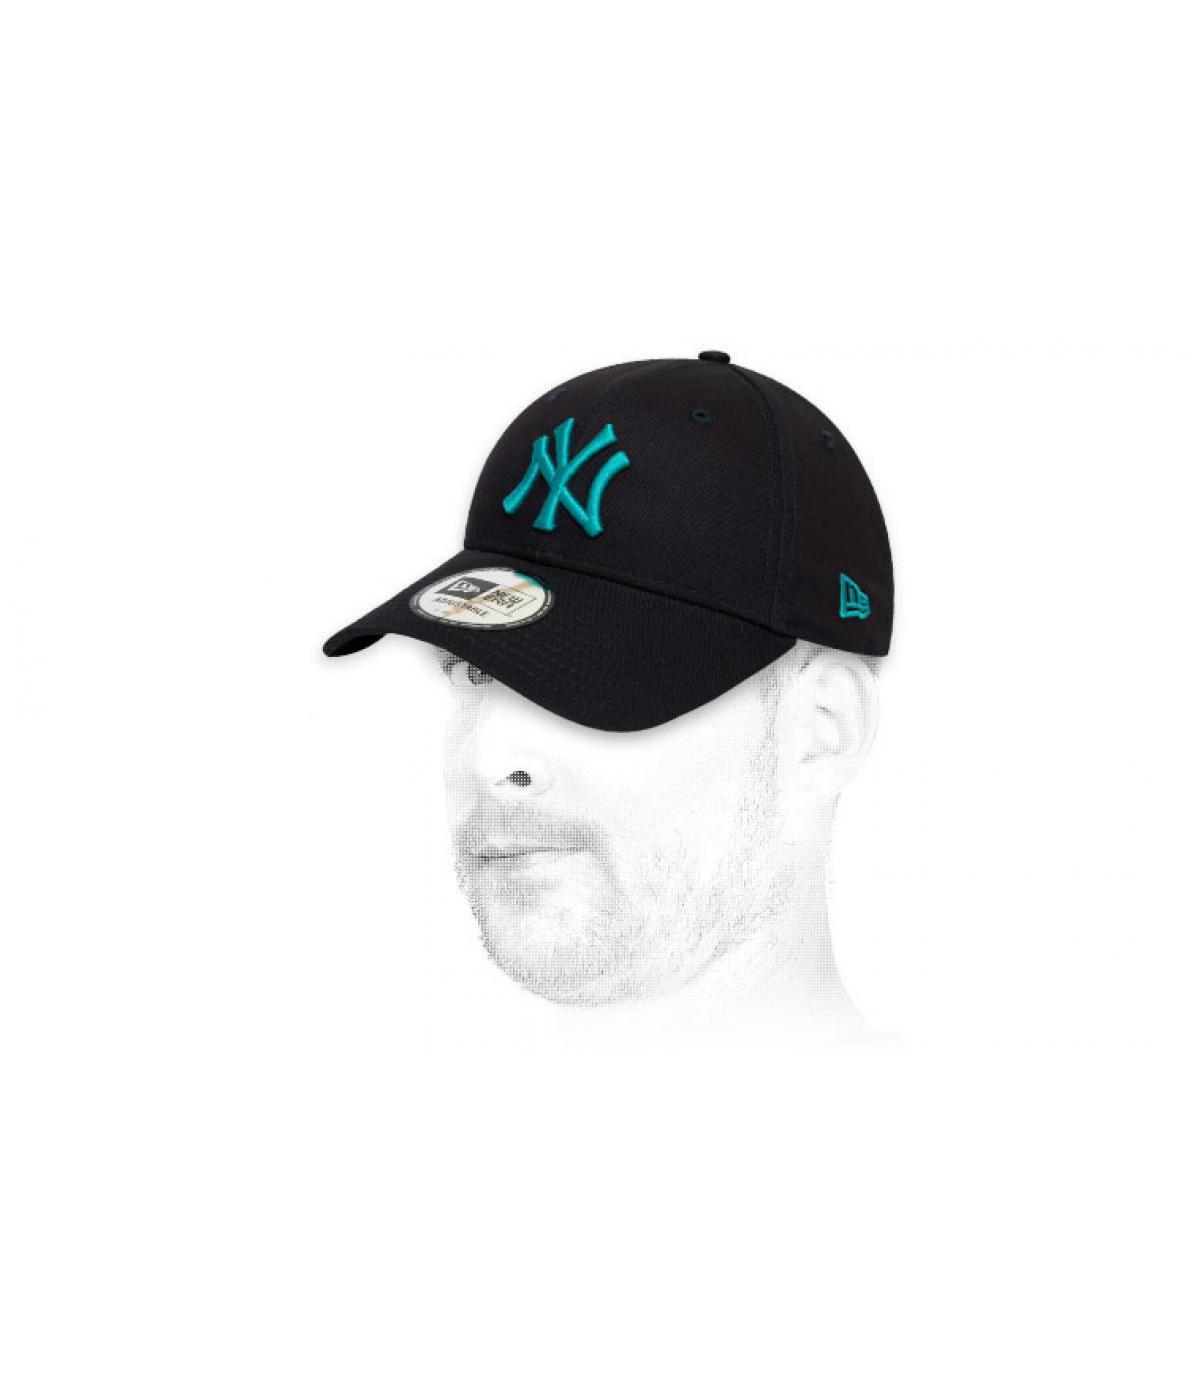 gorra NY azul